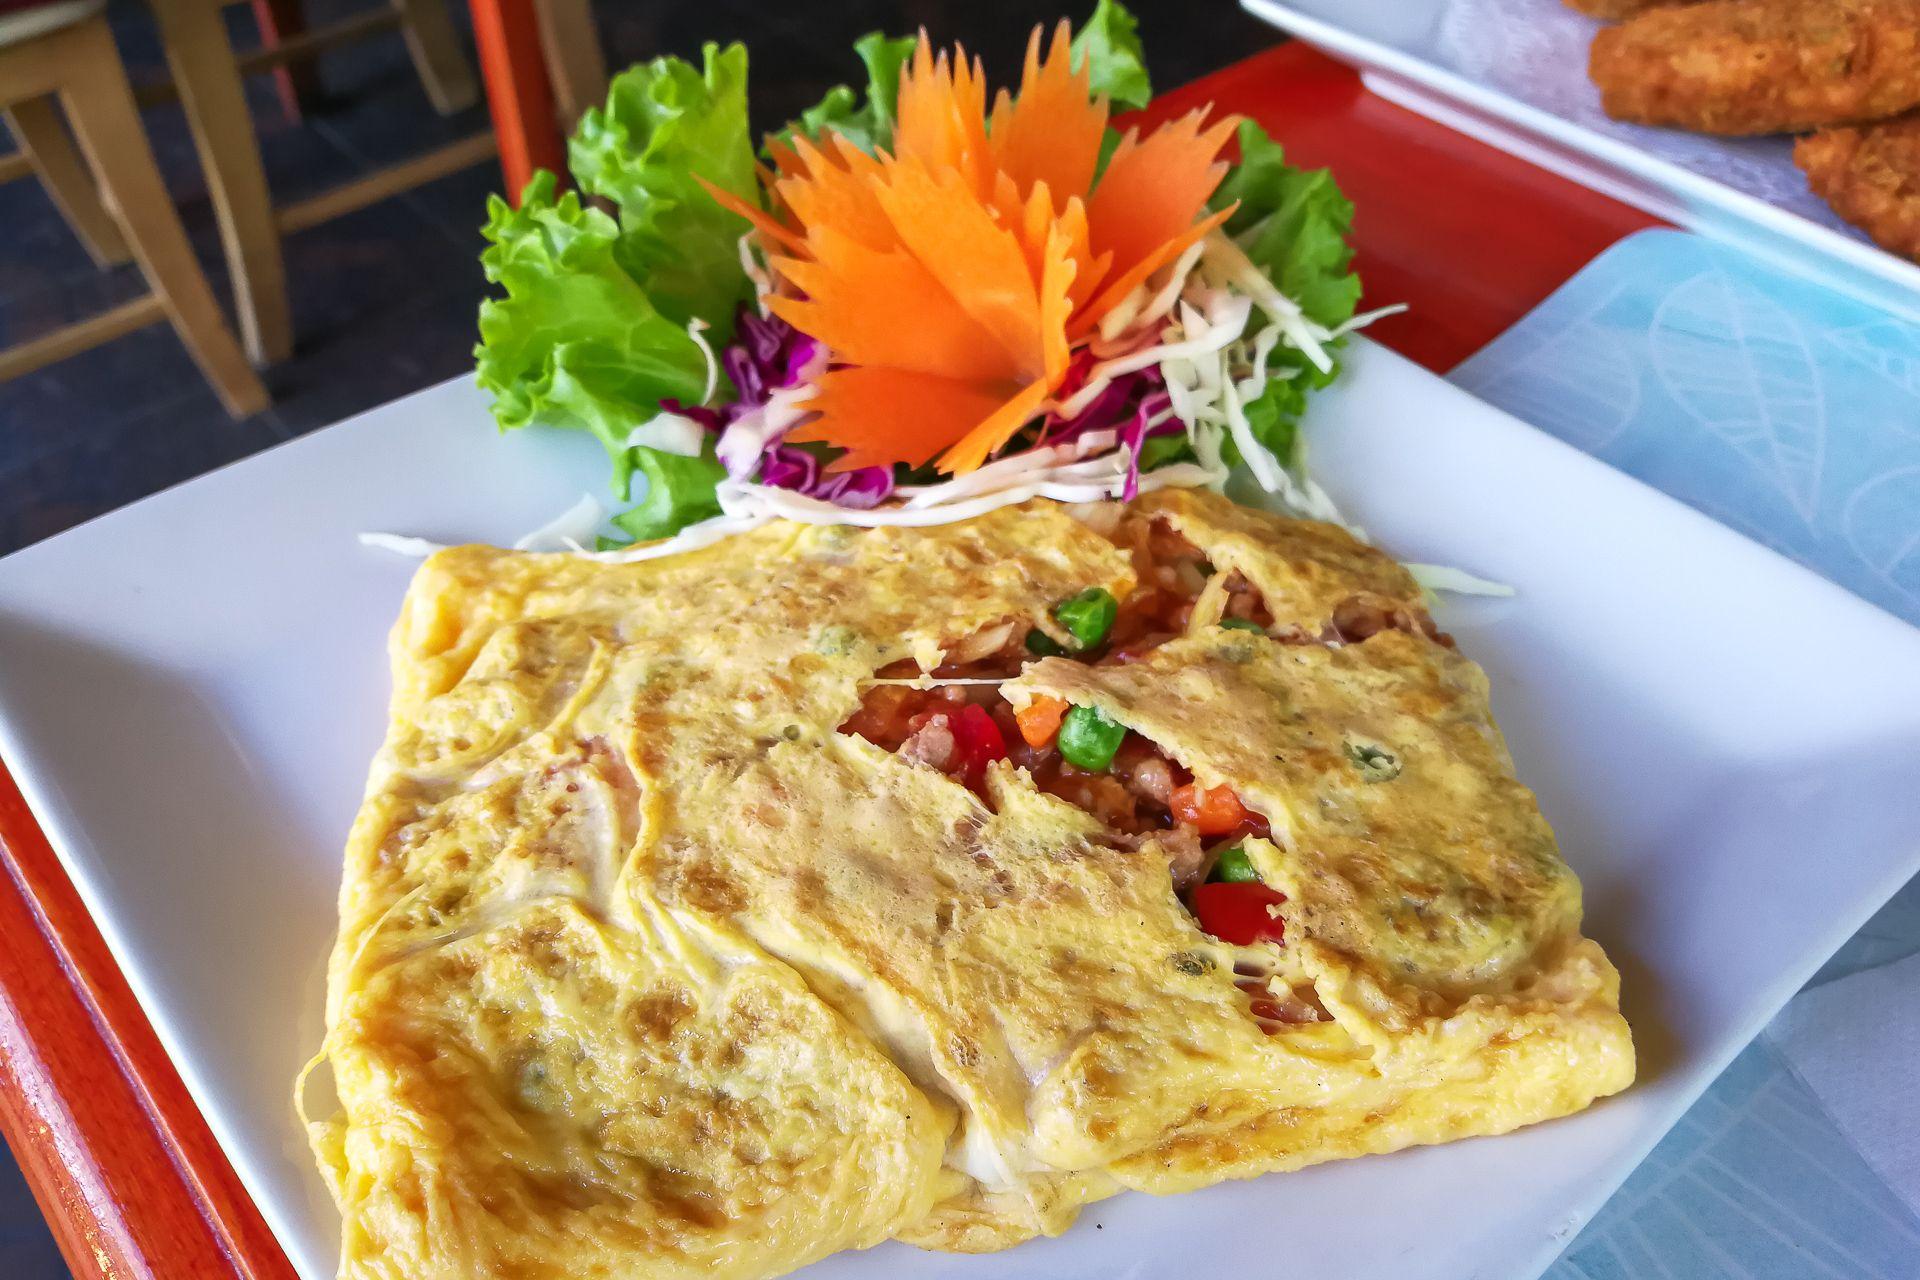 omlet, thai omlet,тайский омлет, тайский завтрак, тайская кухня, омлет по-тайски, Тайланд еда, что попробовать в Таиланде